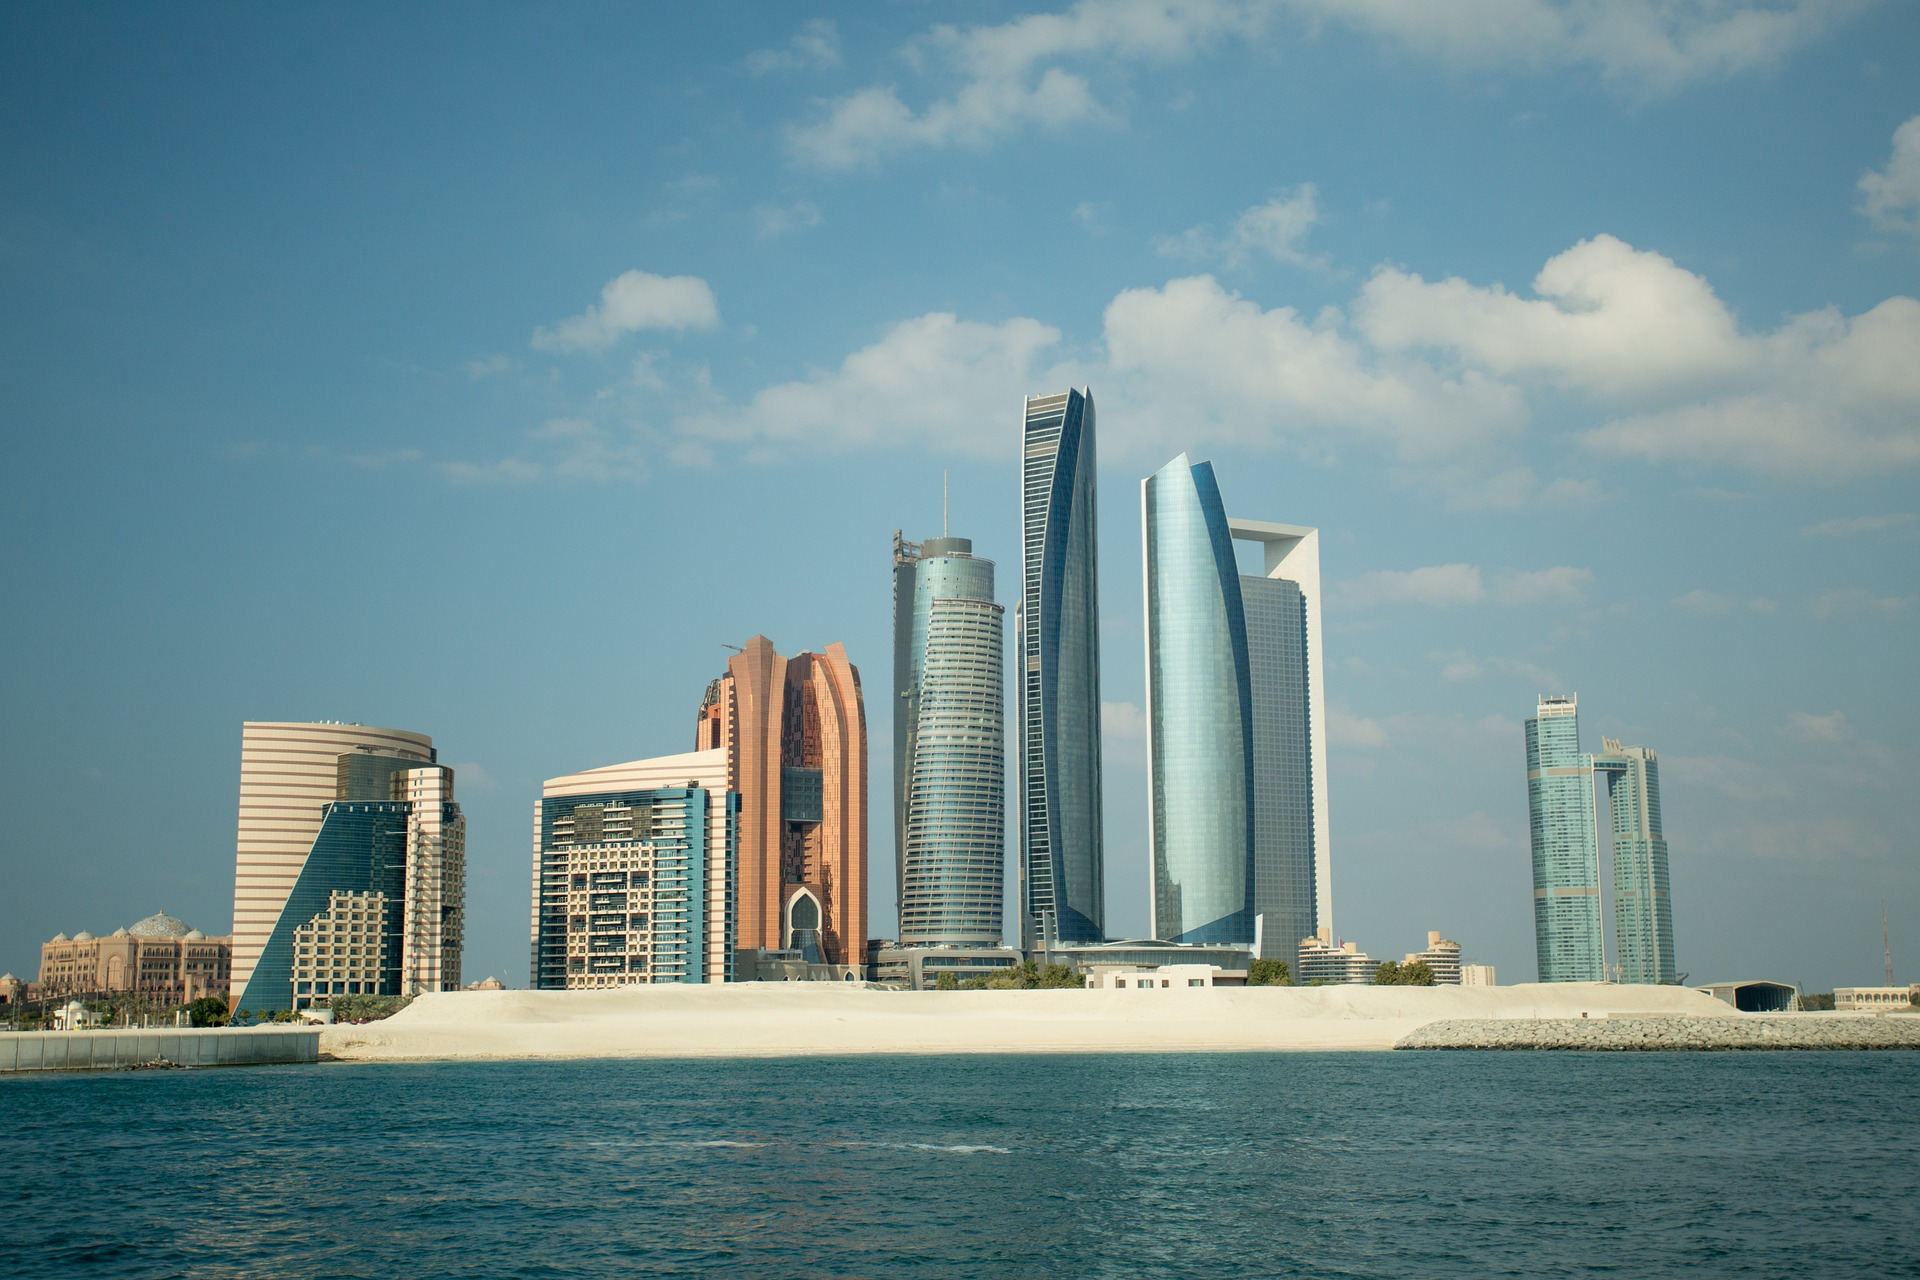 Abu Dhabi Ferien im 4* Hotel - eine Woche nur 286,00€ 3